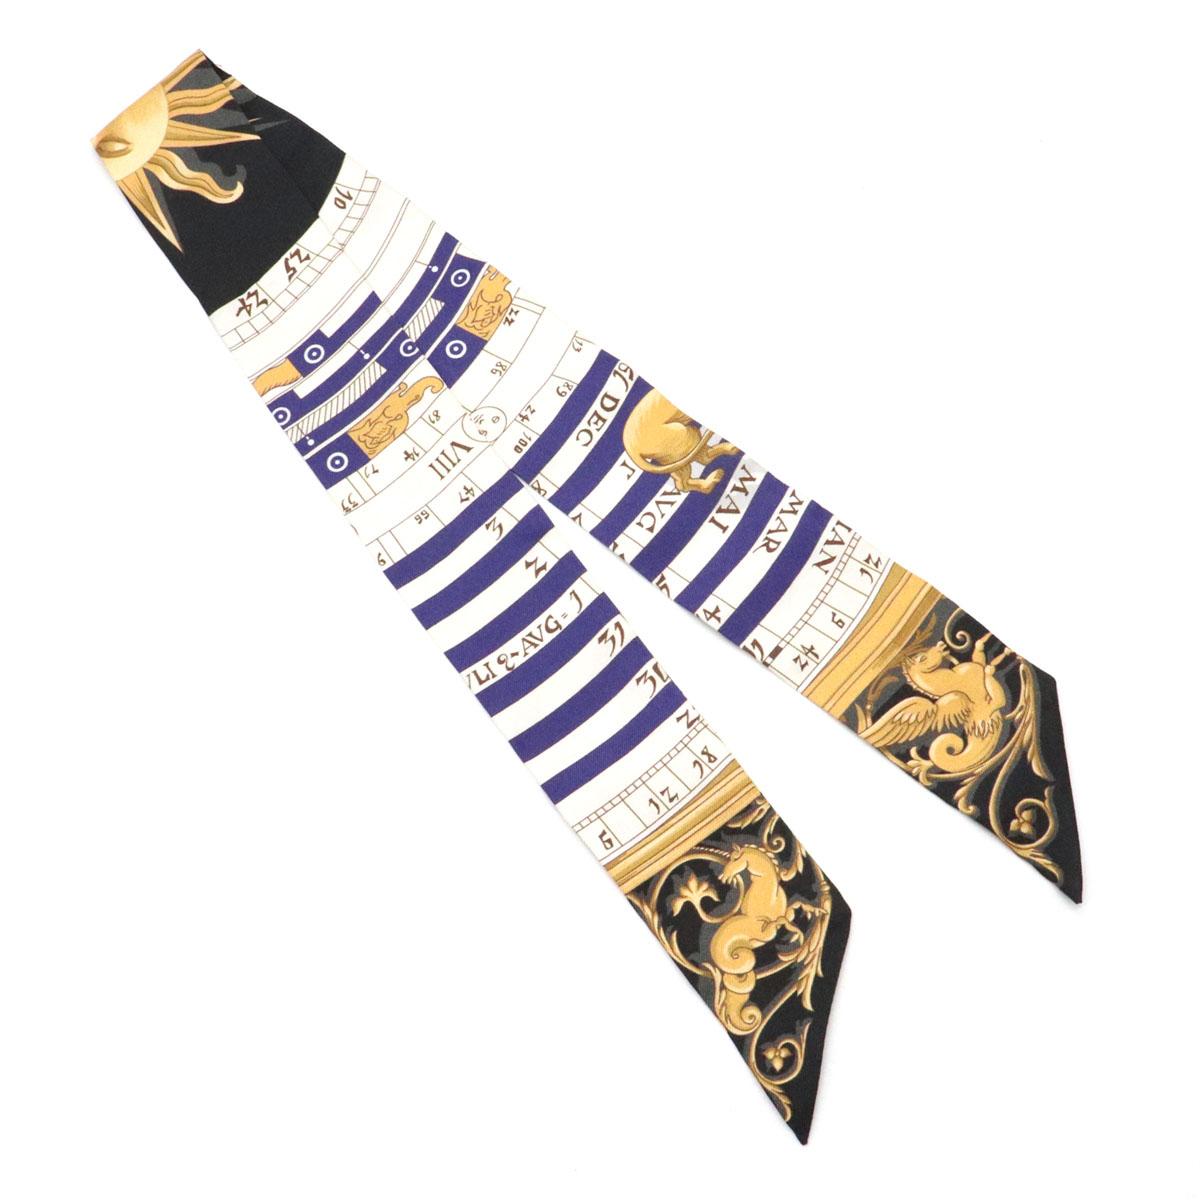 【未使用品】【アパレル】HERMES エルメス ツイリー スカーフ バッグスカーフ バッグアクセサリー ヘアアクセサリー シルク100% ブラック系マルチカラー  【中古】